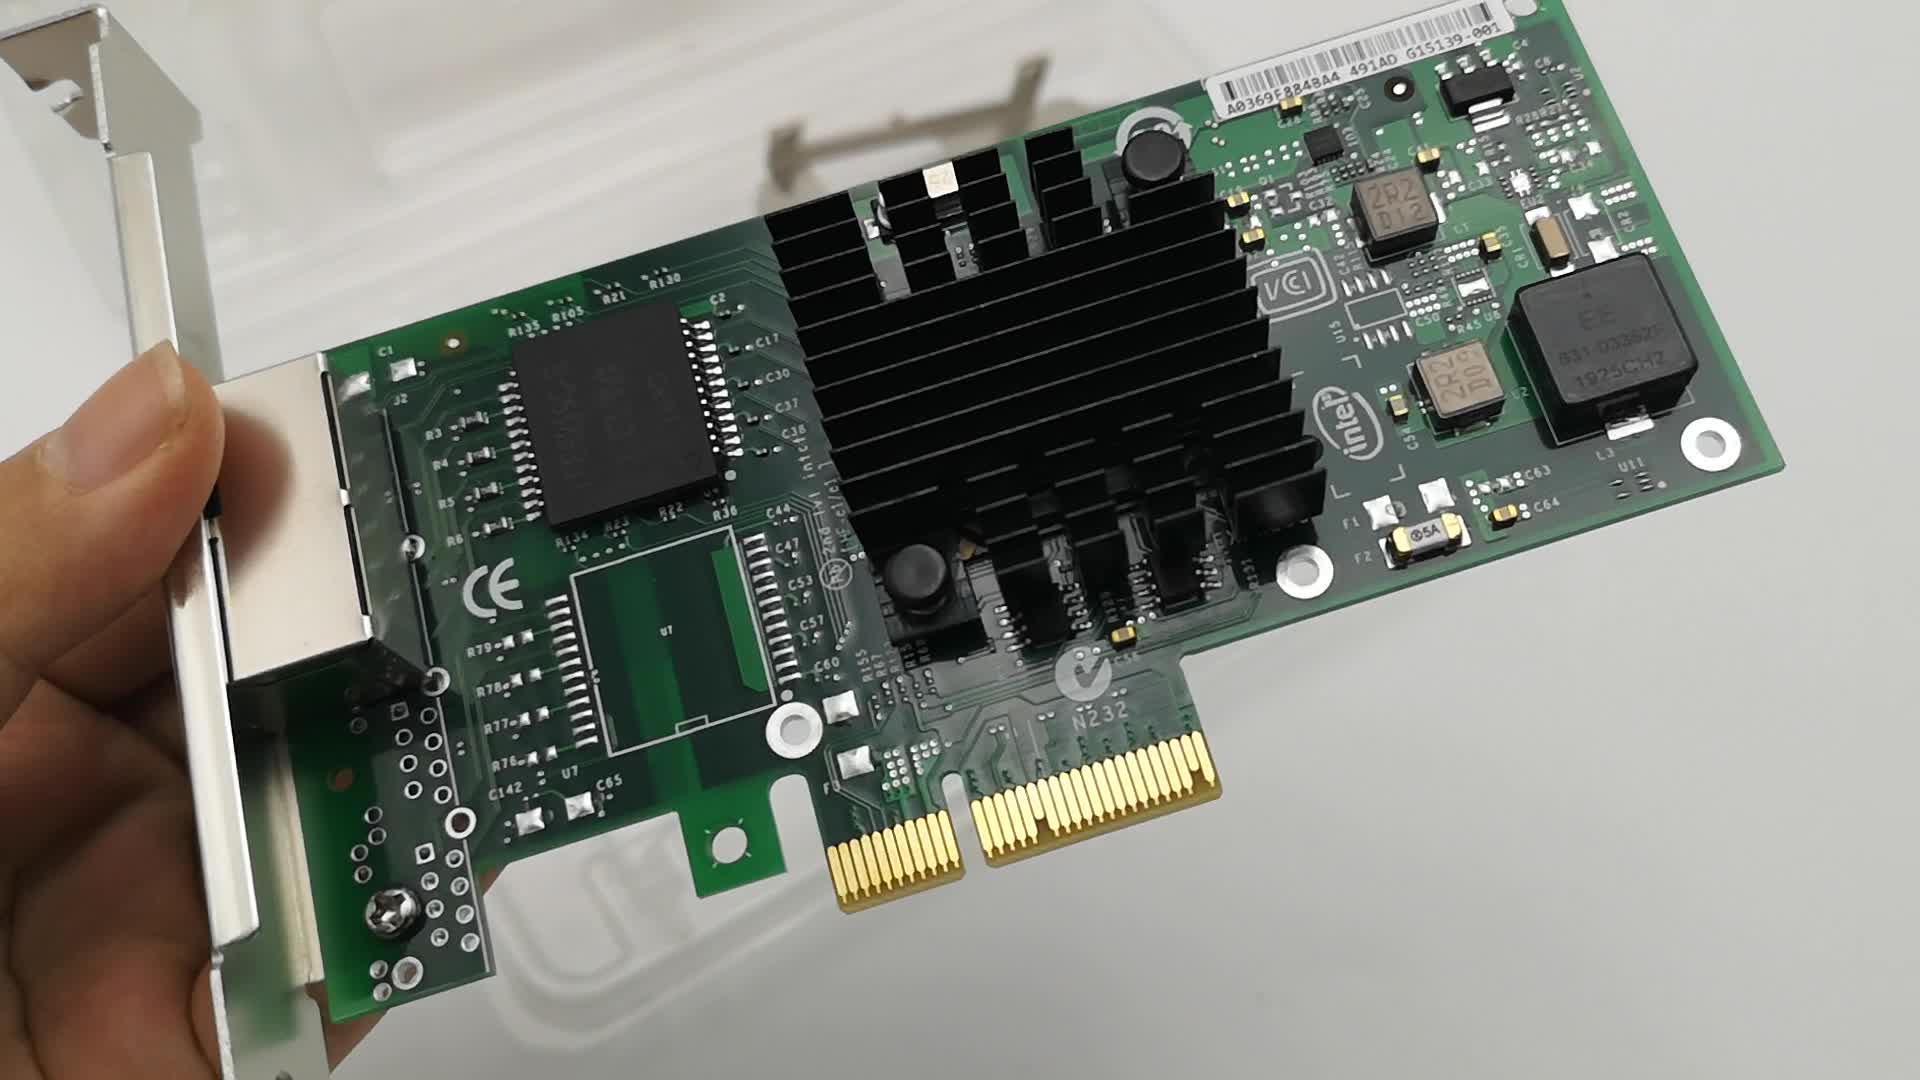 2 Port Network Adapter Intel I350-T2V2 10/100/1000Mbps I350 Ethernet Network Card Server NIC PCIE